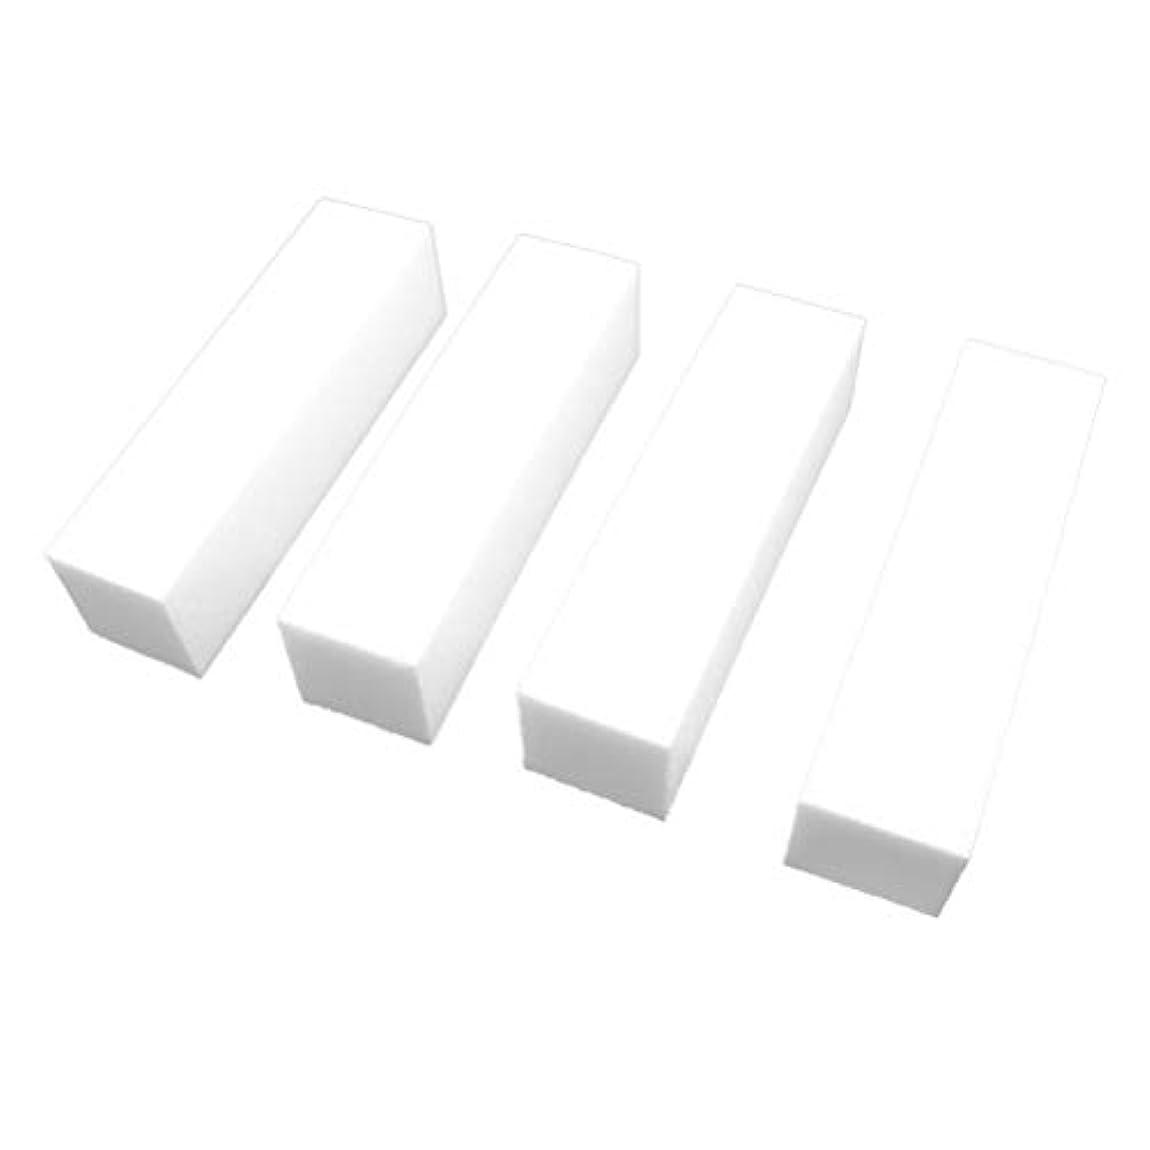 ヤギミュウミュウミュージカルLurrose ネイルバッファーブロックホワイトサンディングブロックファイルネイルポリッシャーマニキュアツール